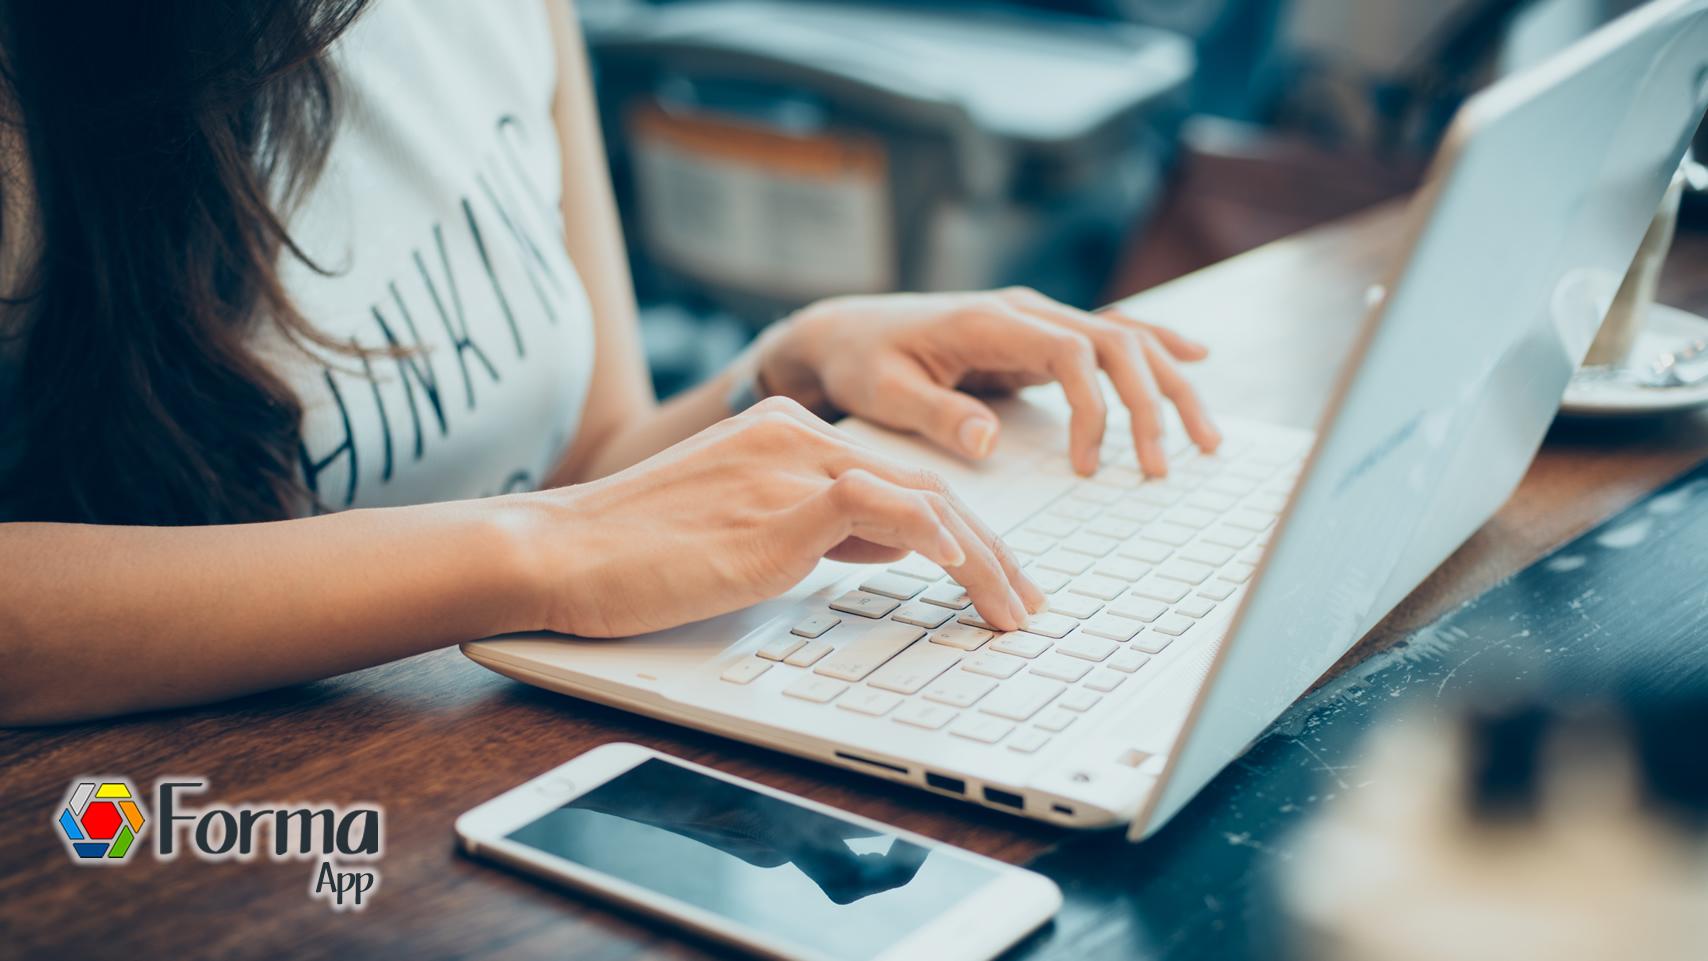 ¿Cómo solicitar cita online?